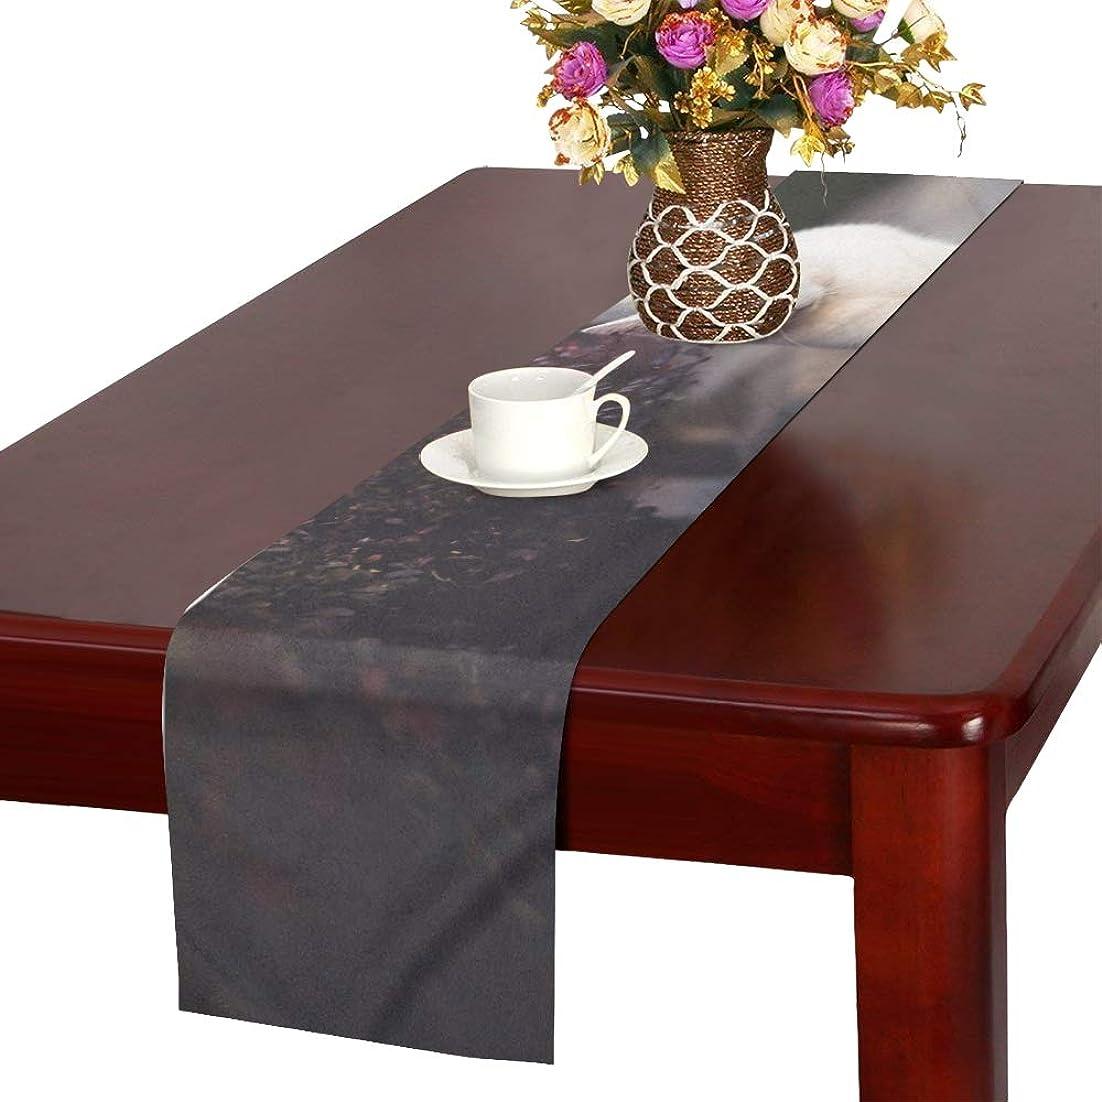 太鼓腹親密な子羊GGSXD テーブルランナー 面白い 猫 クロス 食卓カバー 麻綿製 欧米 おしゃれ 16 Inch X 72 Inch (40cm X 182cm) キッチン ダイニング ホーム デコレーション モダン リビング 洗える